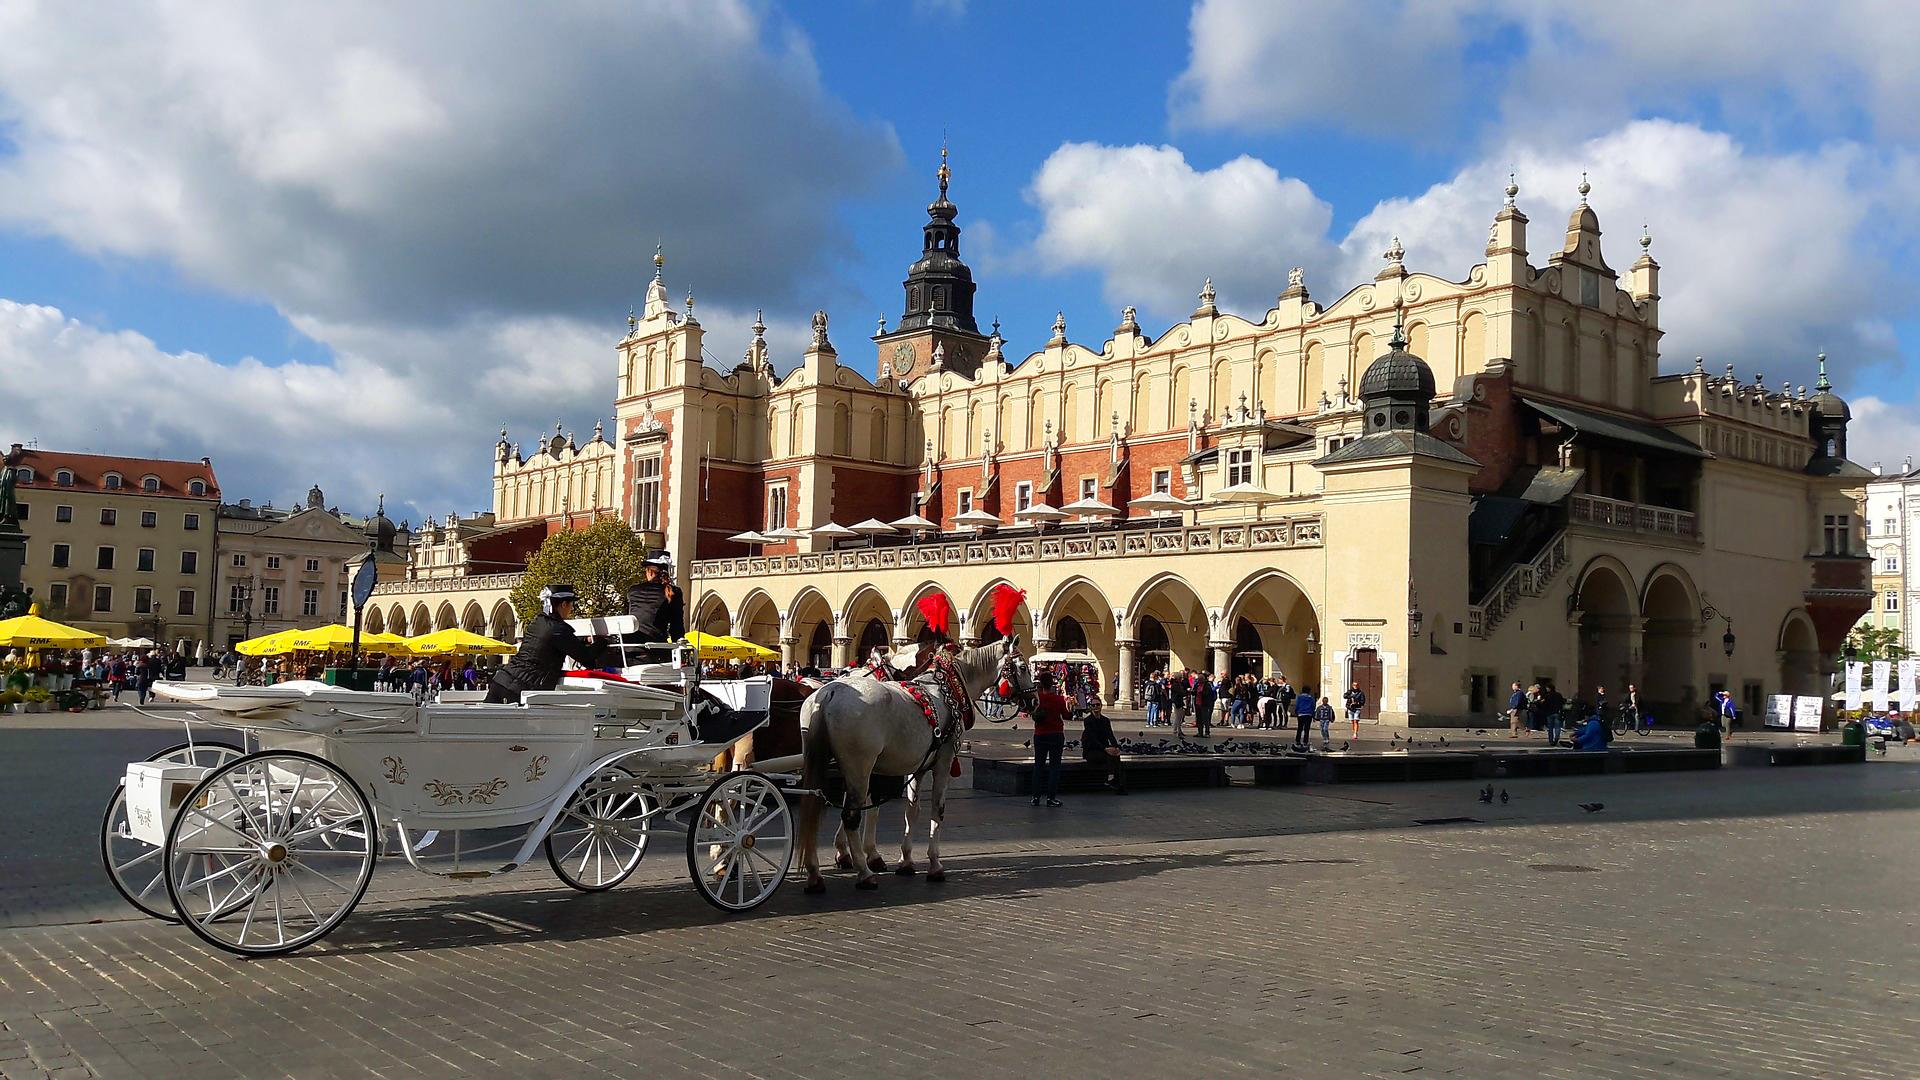 Qué ver en Cracovia, Krakow, Polonia, Poland qué ver en cracovia - 38652463510 10588f69d1 o - Qué ver en Cracovia, Polonia